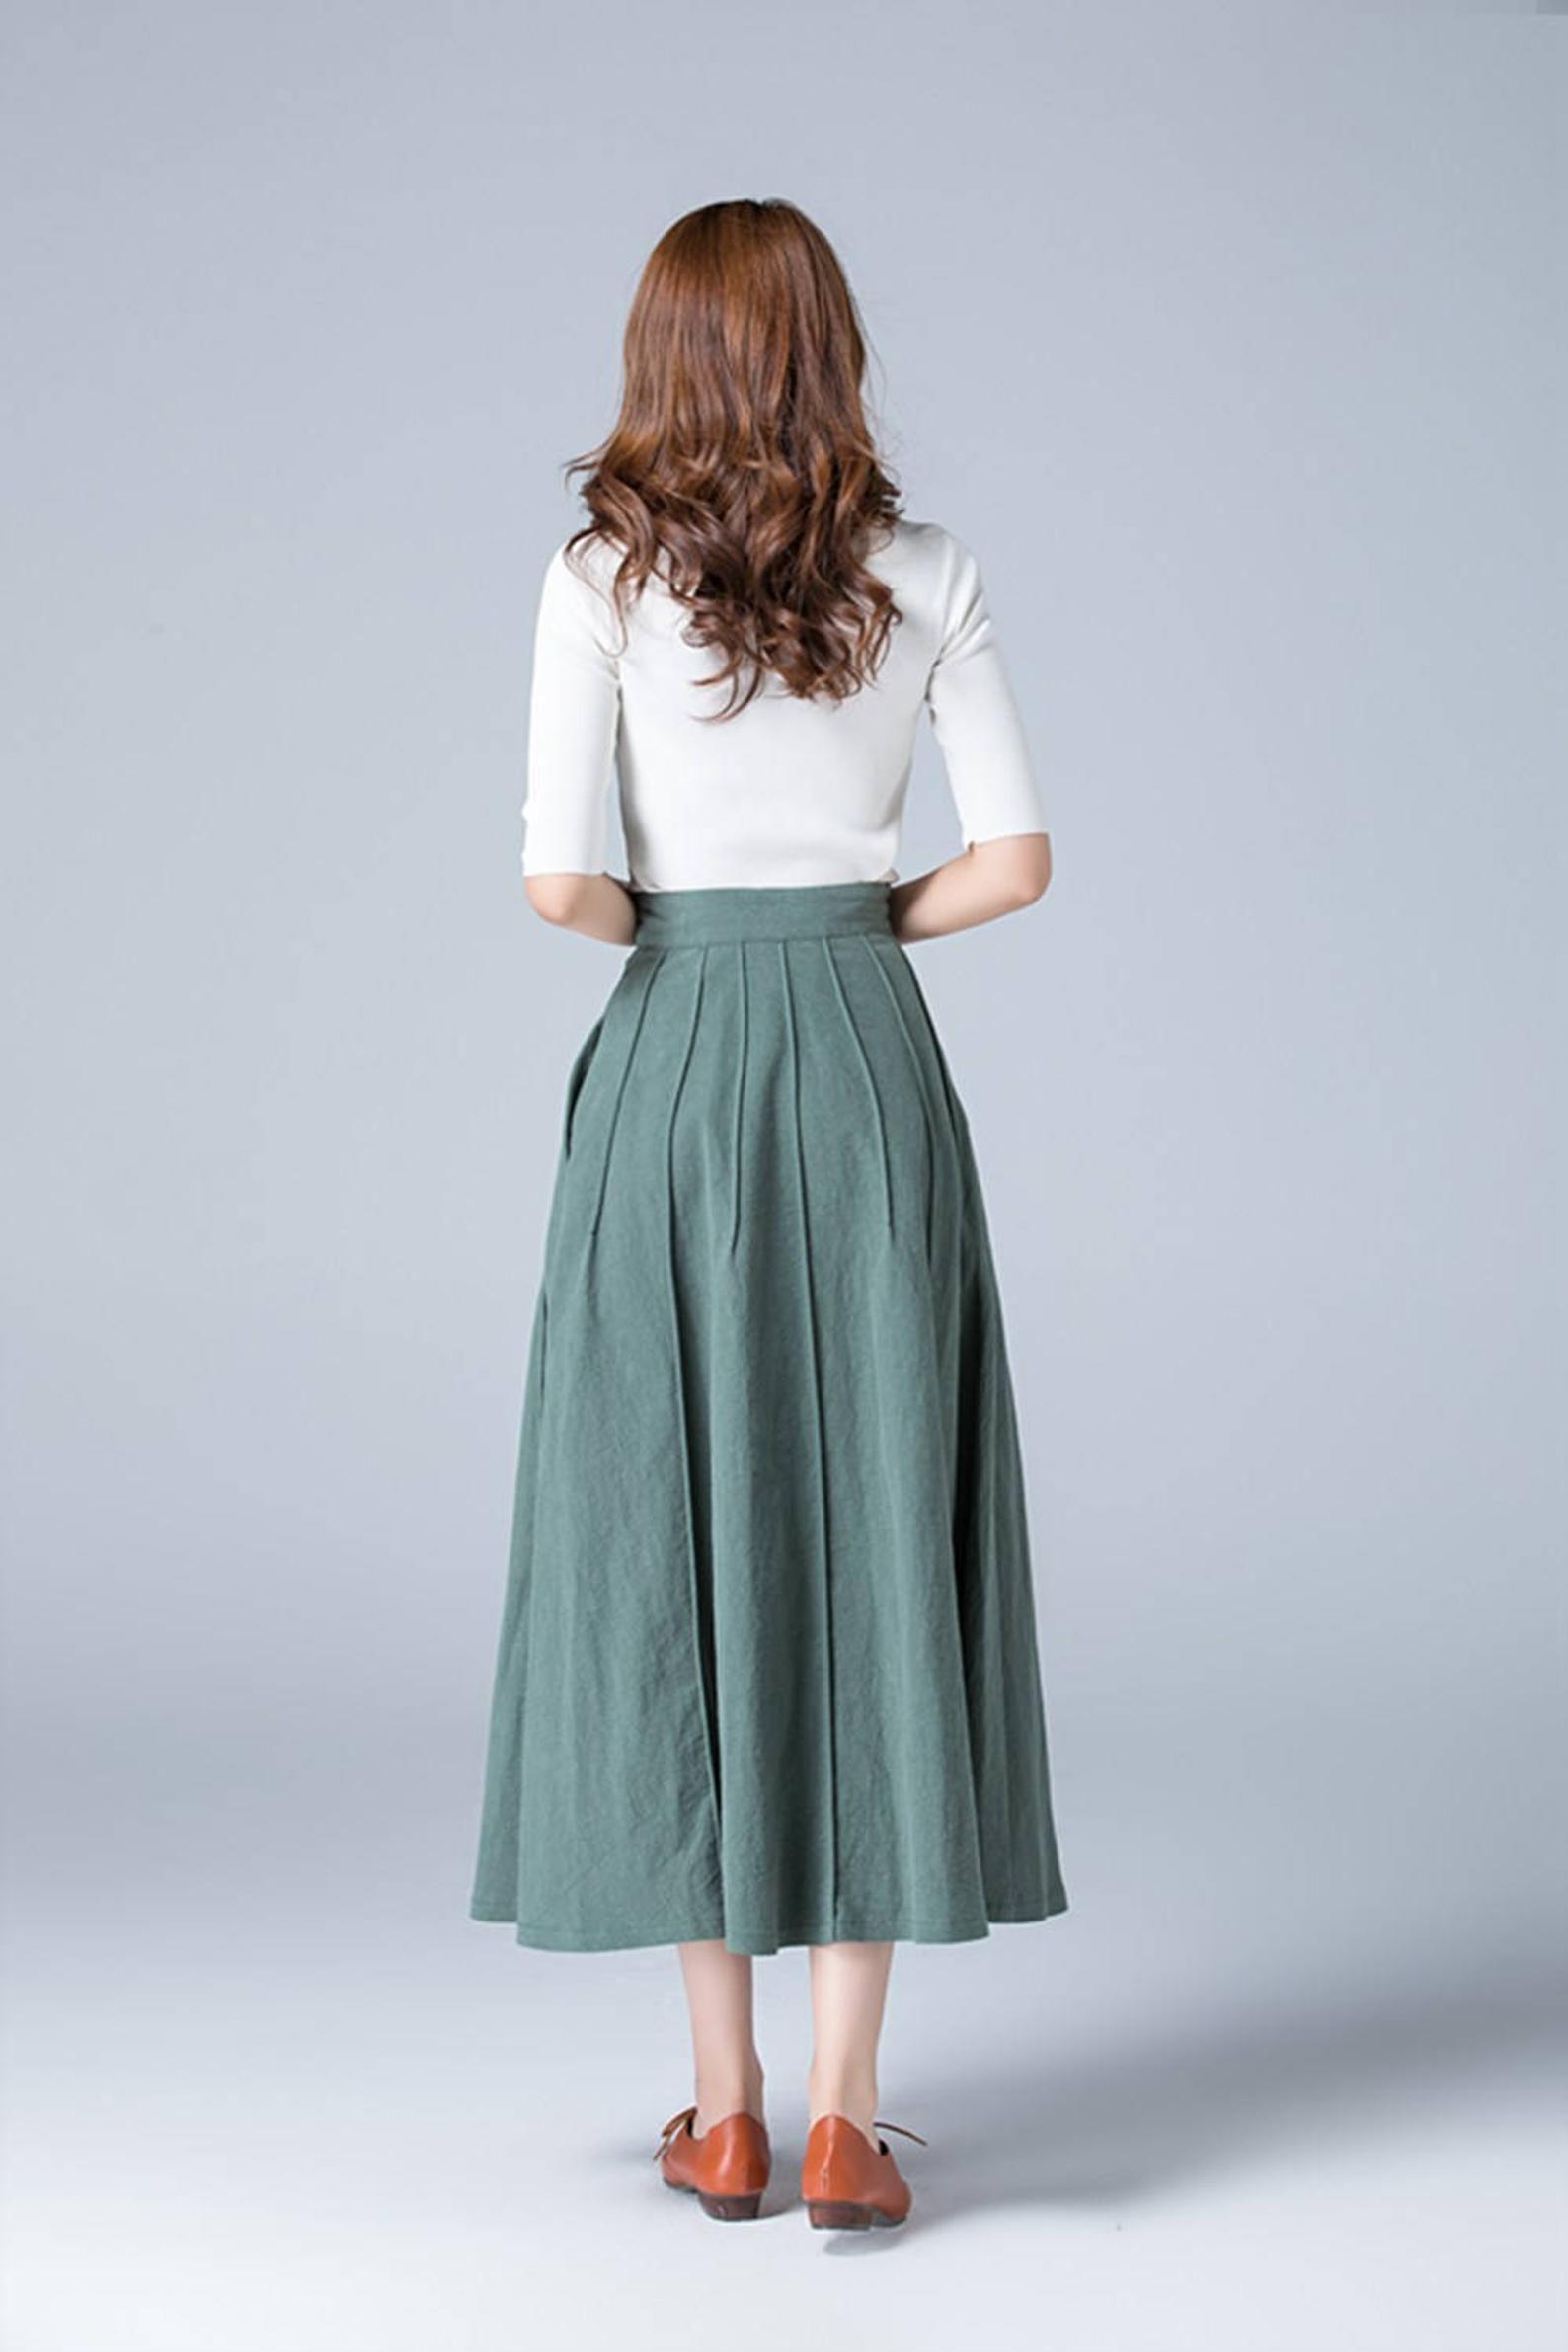 ca625b6006 Green skirt, linen skirt, full skirt, casual skirt, button skirt ...